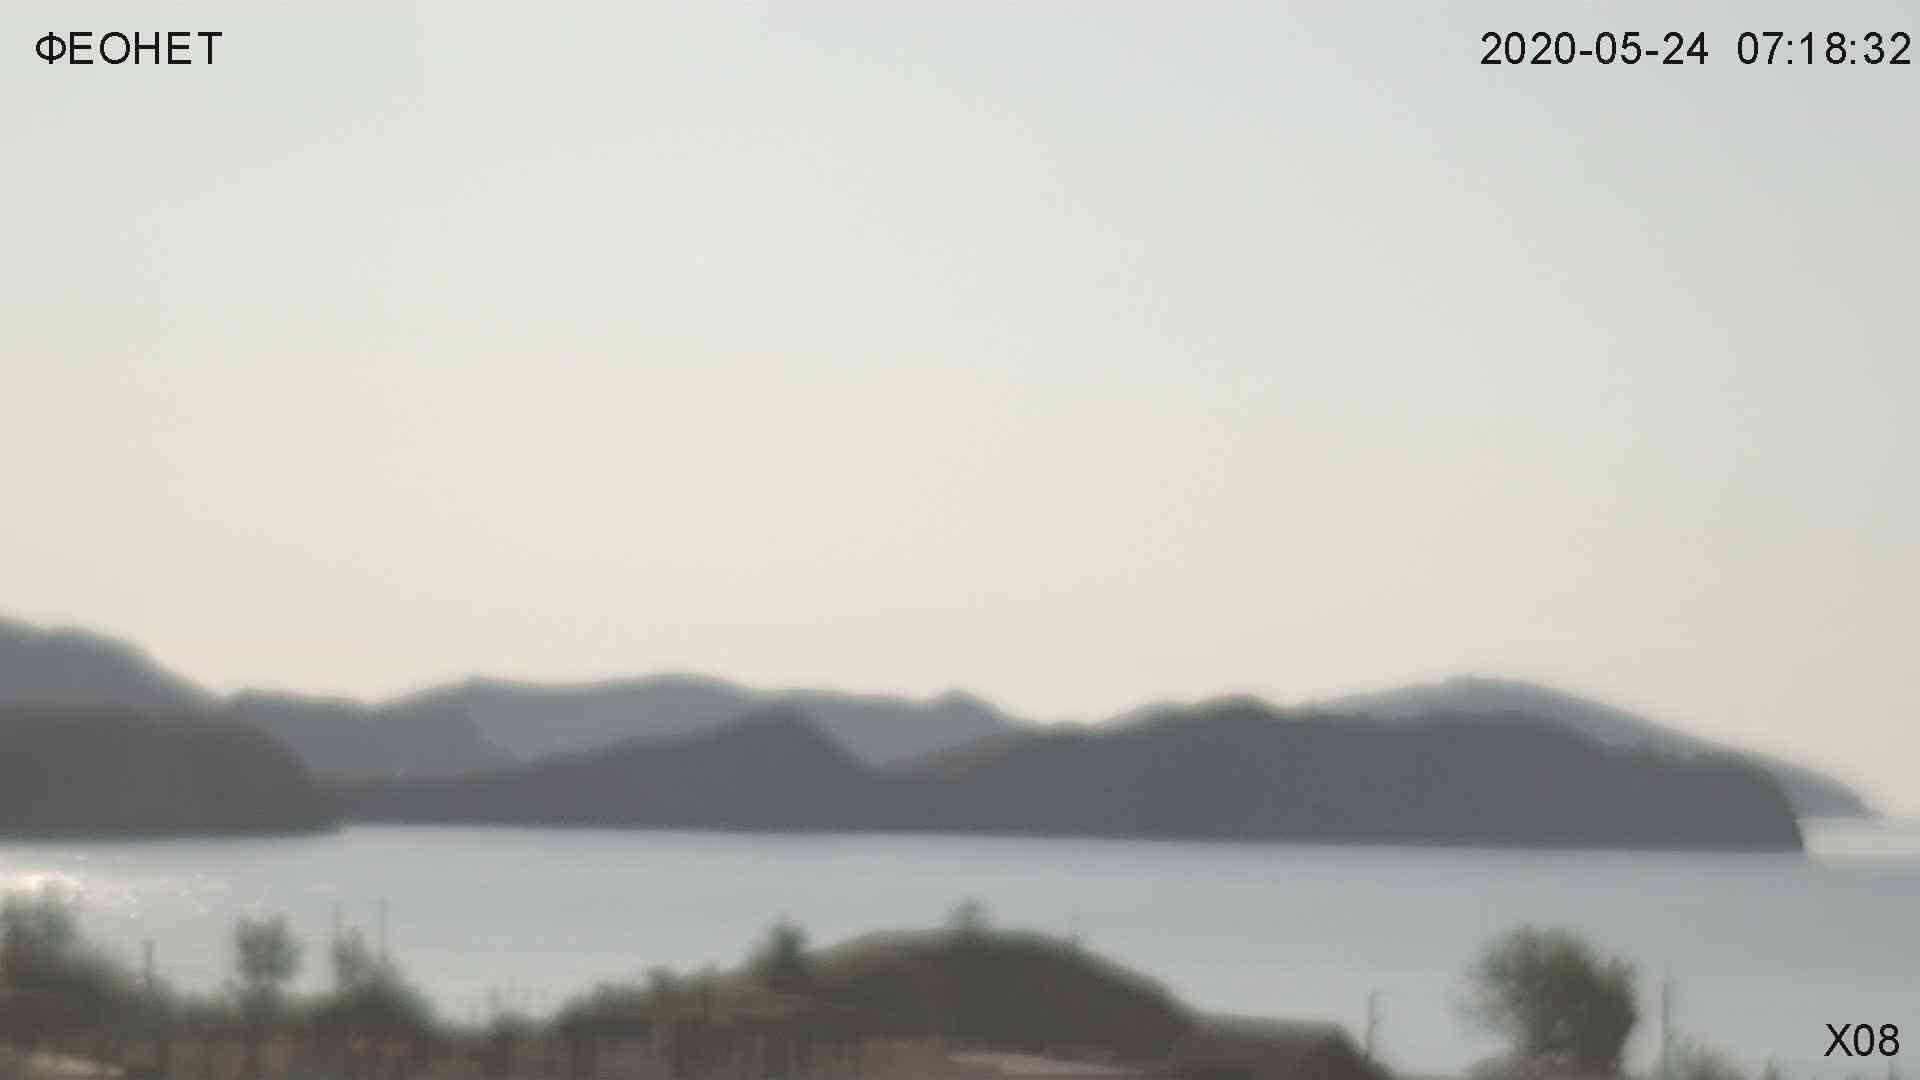 Веб-камеры Феодосии, Обзорная камера в Коктебеле, 2020-05-24 07:20:02